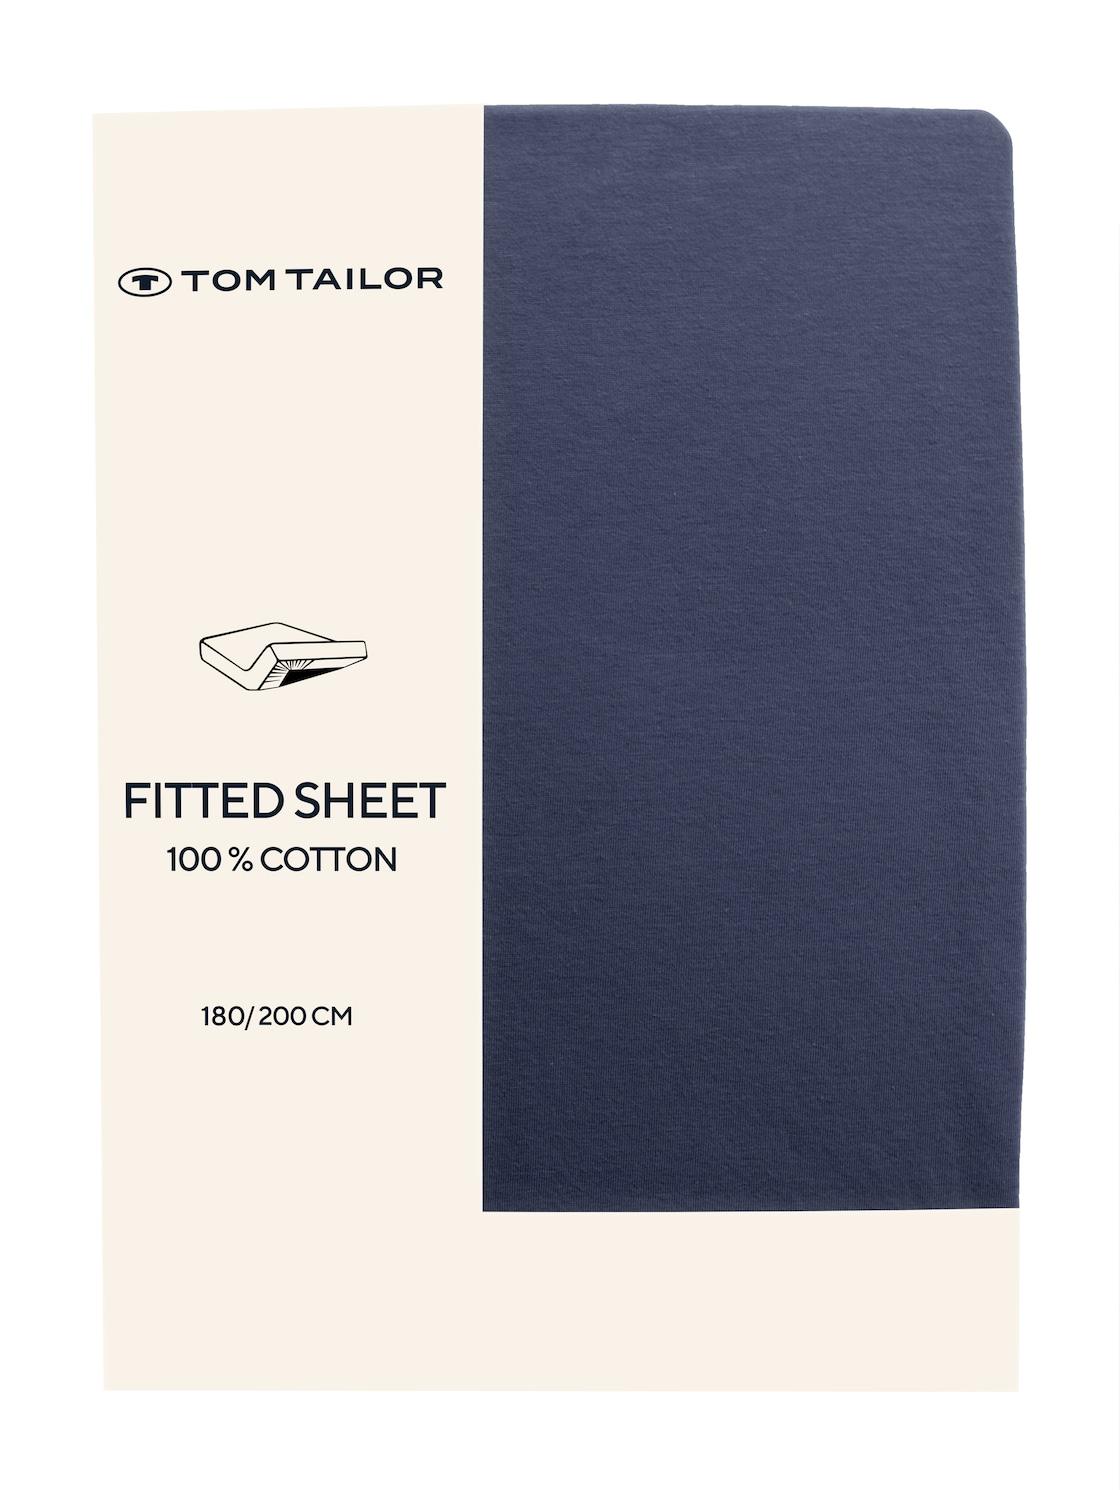 TOM TAILOR Unisex Spannbettlaken aus Jersey, blau, unifarben, Gr 180/200